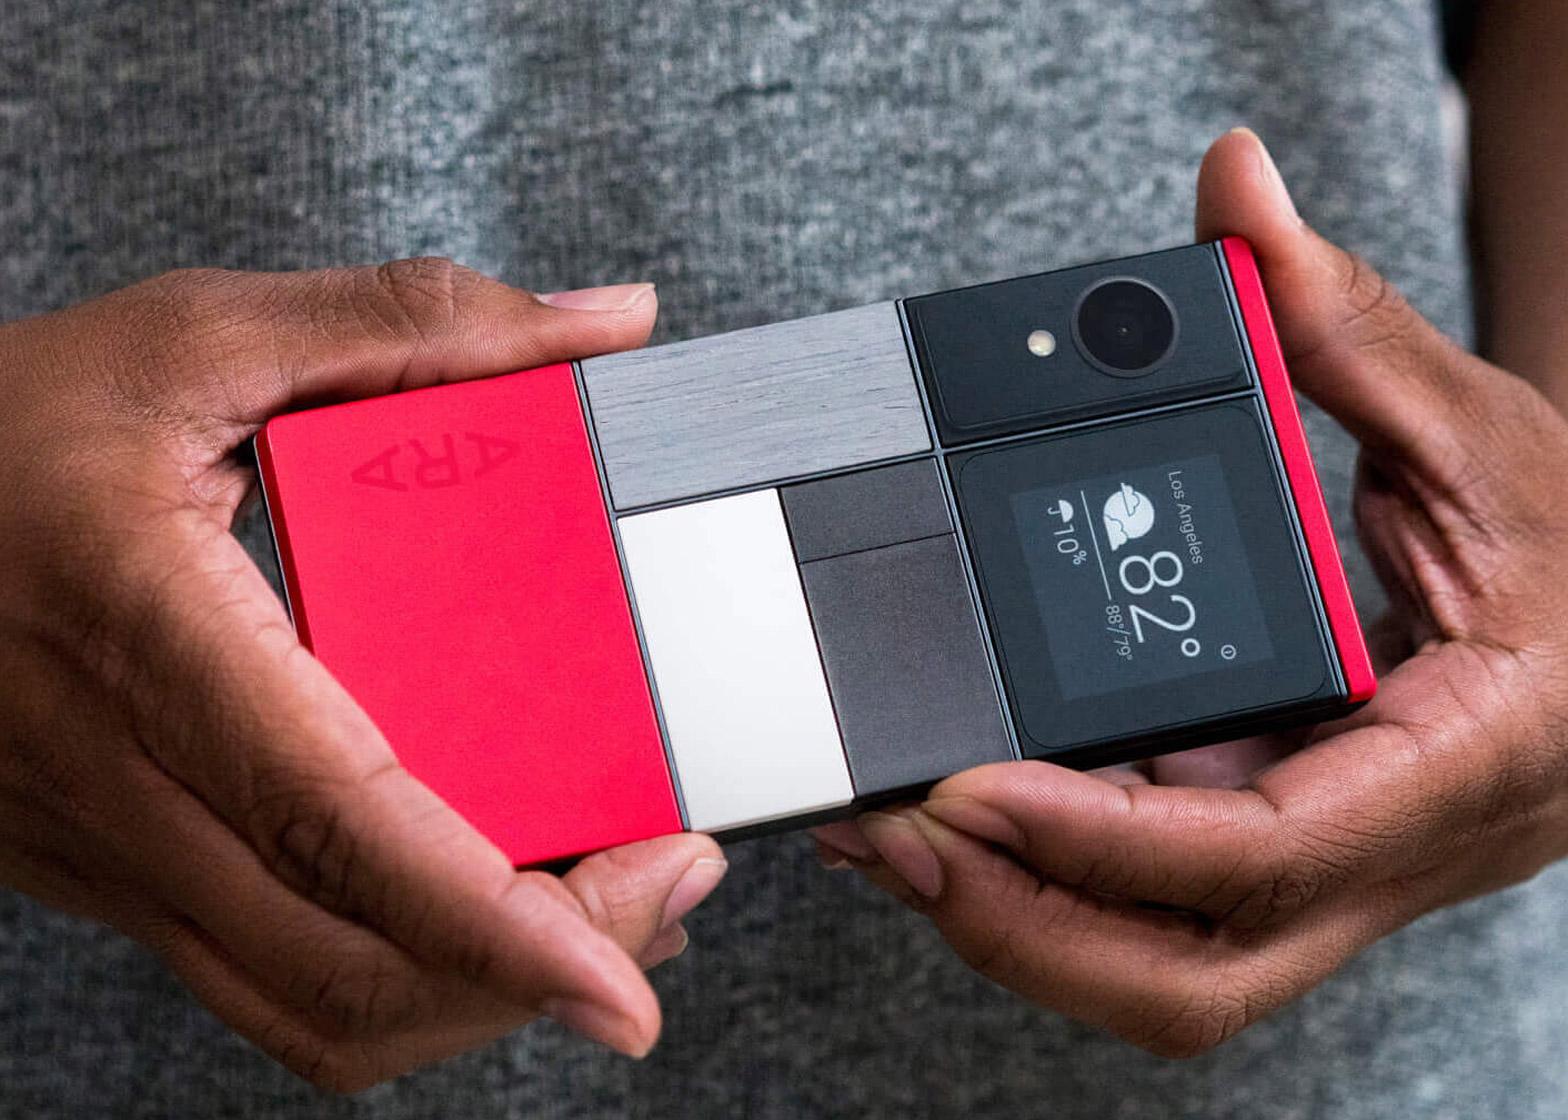 phone-project-ara-modular-smart-phone-google-alphabet-design-technology-news_dezeen_1568_0.jpg